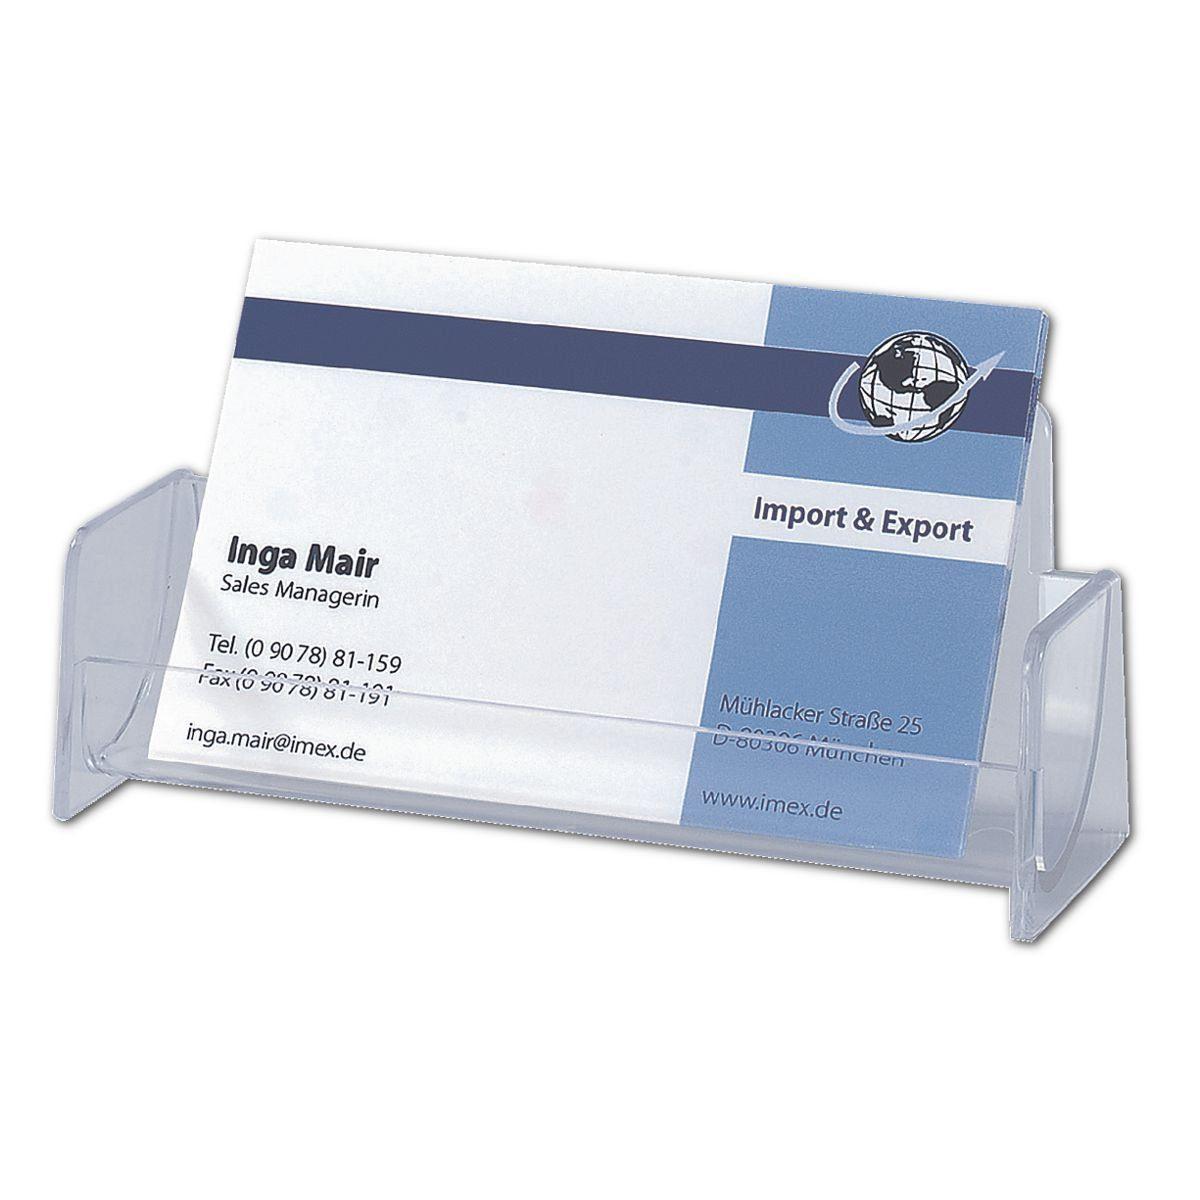 Sigel Visitenkartenaufsteller VA120